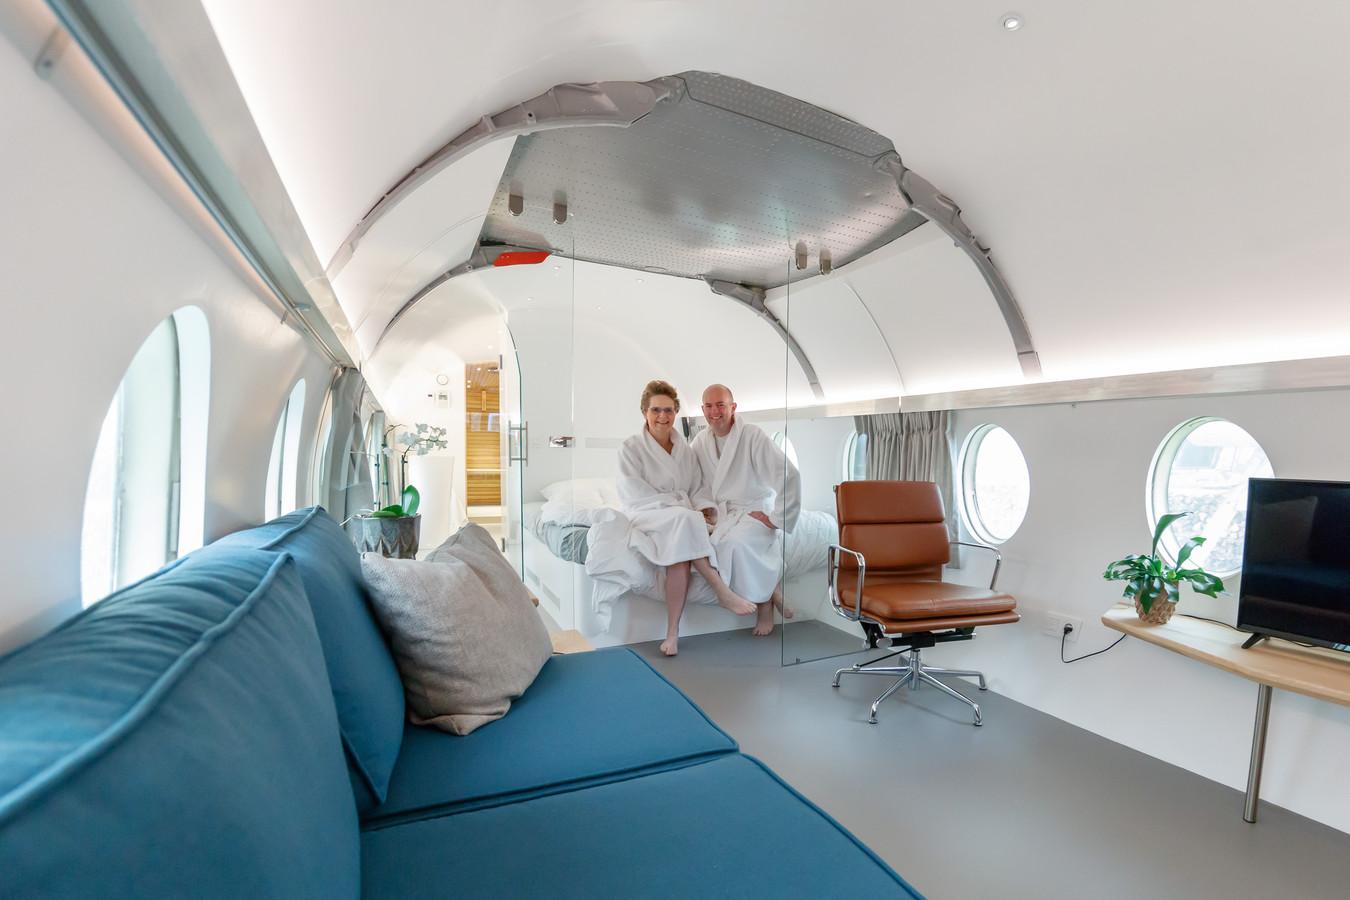 Bij Bed & Breakfast Haute Bruyere in Hoogerheide is onlangs een oud Fokker-vliegtuig ingericht als overnachtingslocatie. We nemen een kijkje met proefslapers Franka en Peter.